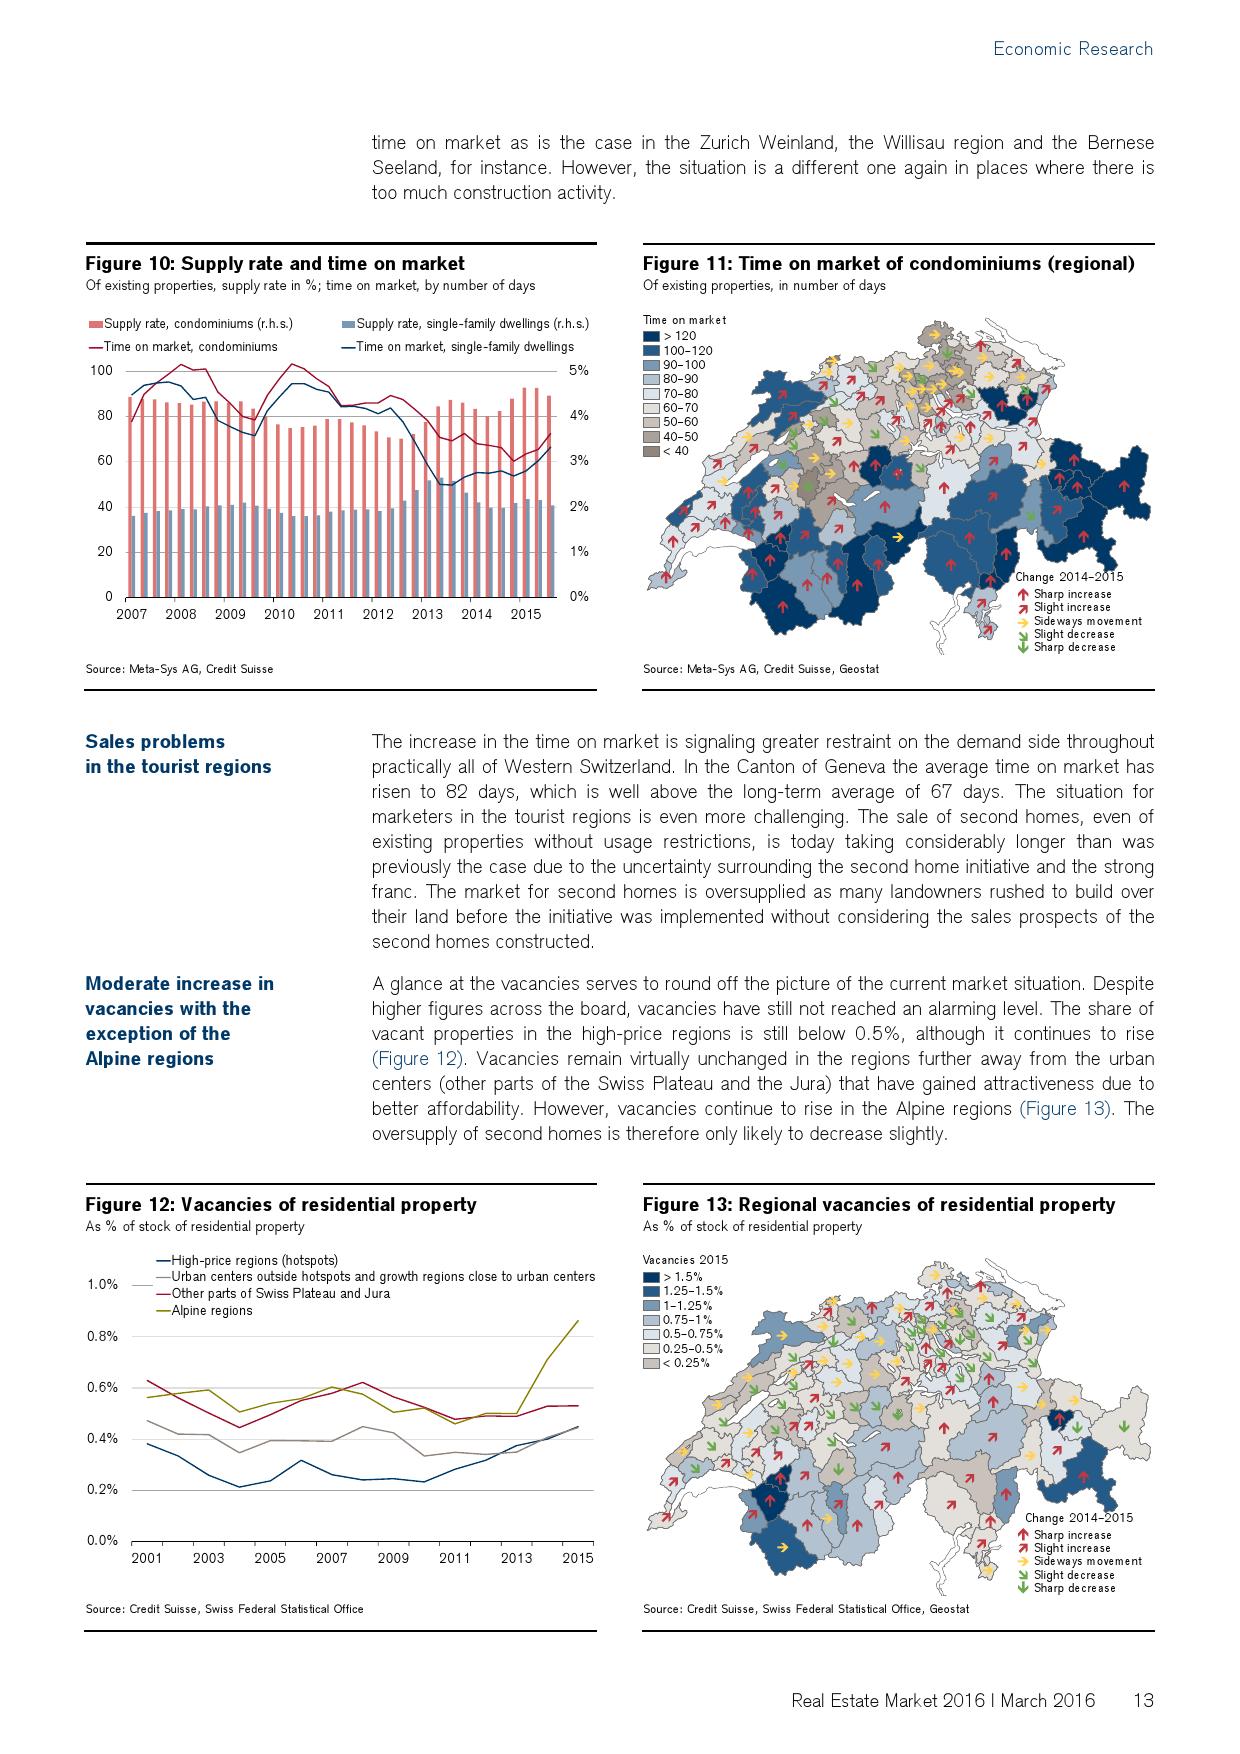 2016年瑞士房地产市场研究报告_000013